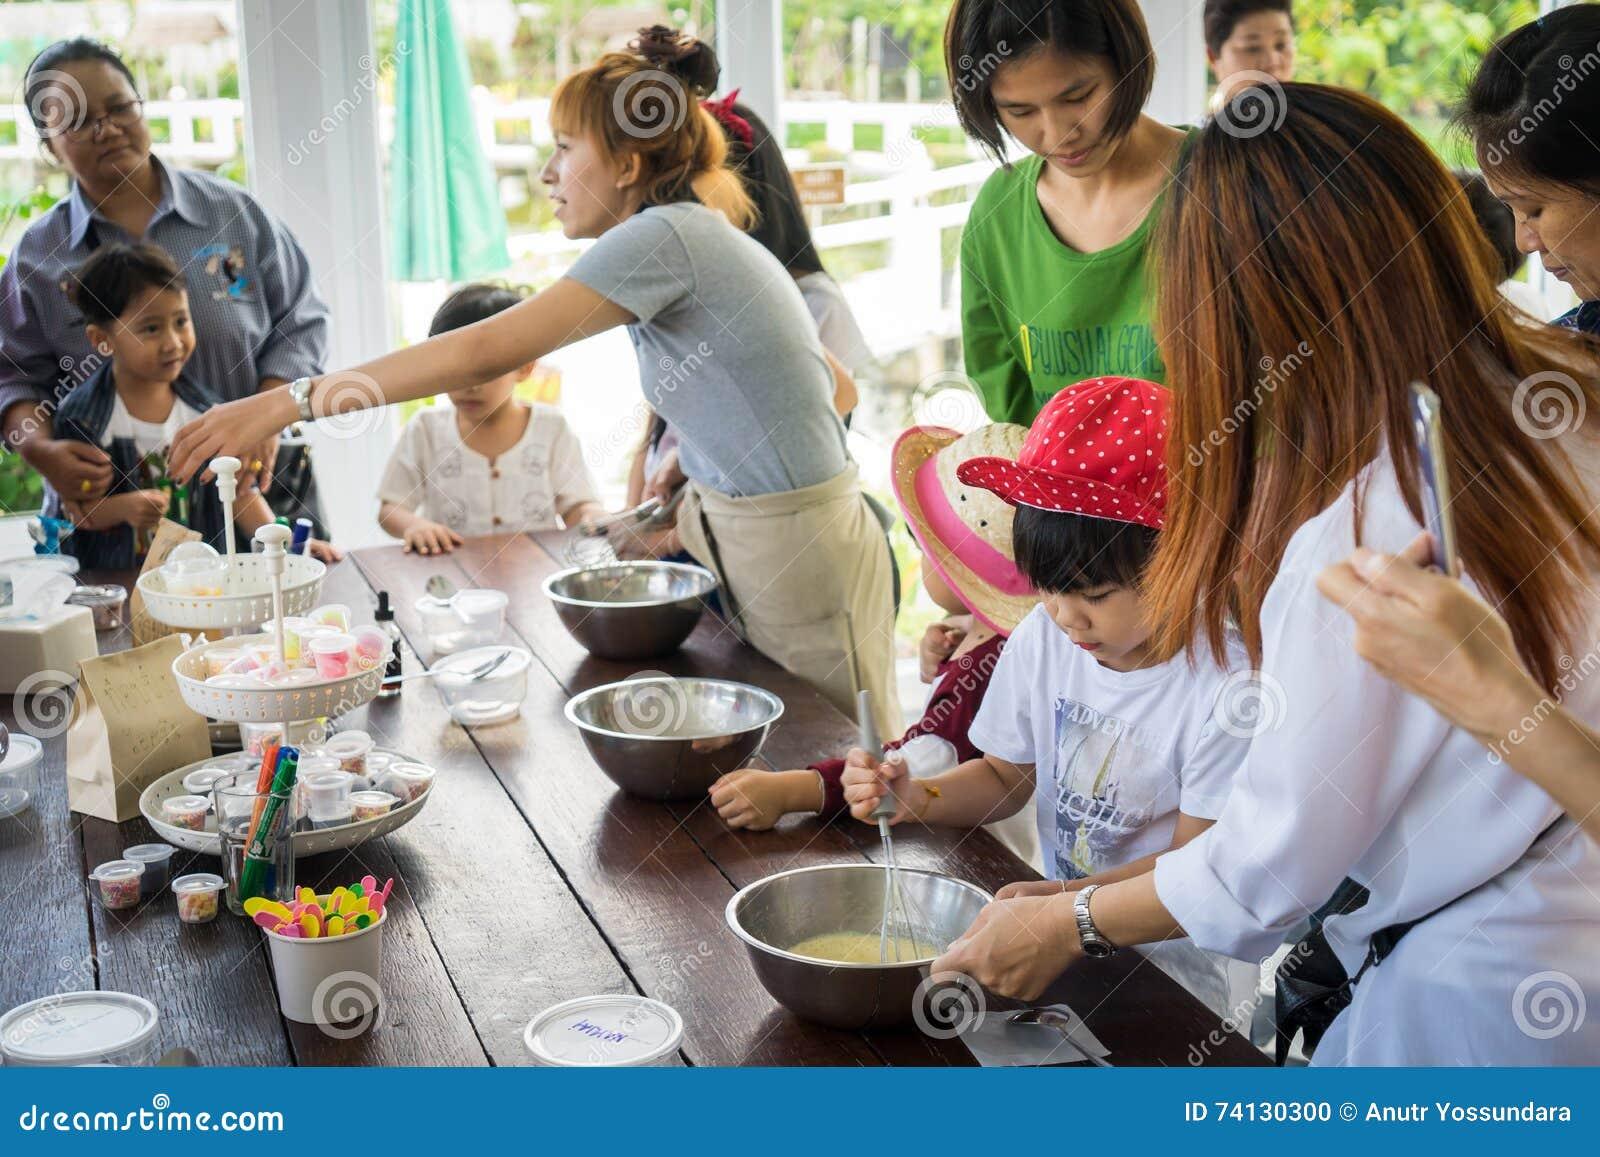 Η οικογένεια με τα μικρά παιδιά μαγειρεύει σε ένα αρτοποιείο τη  μαγειρεύοντας κατηγορία e4aa1139ceb